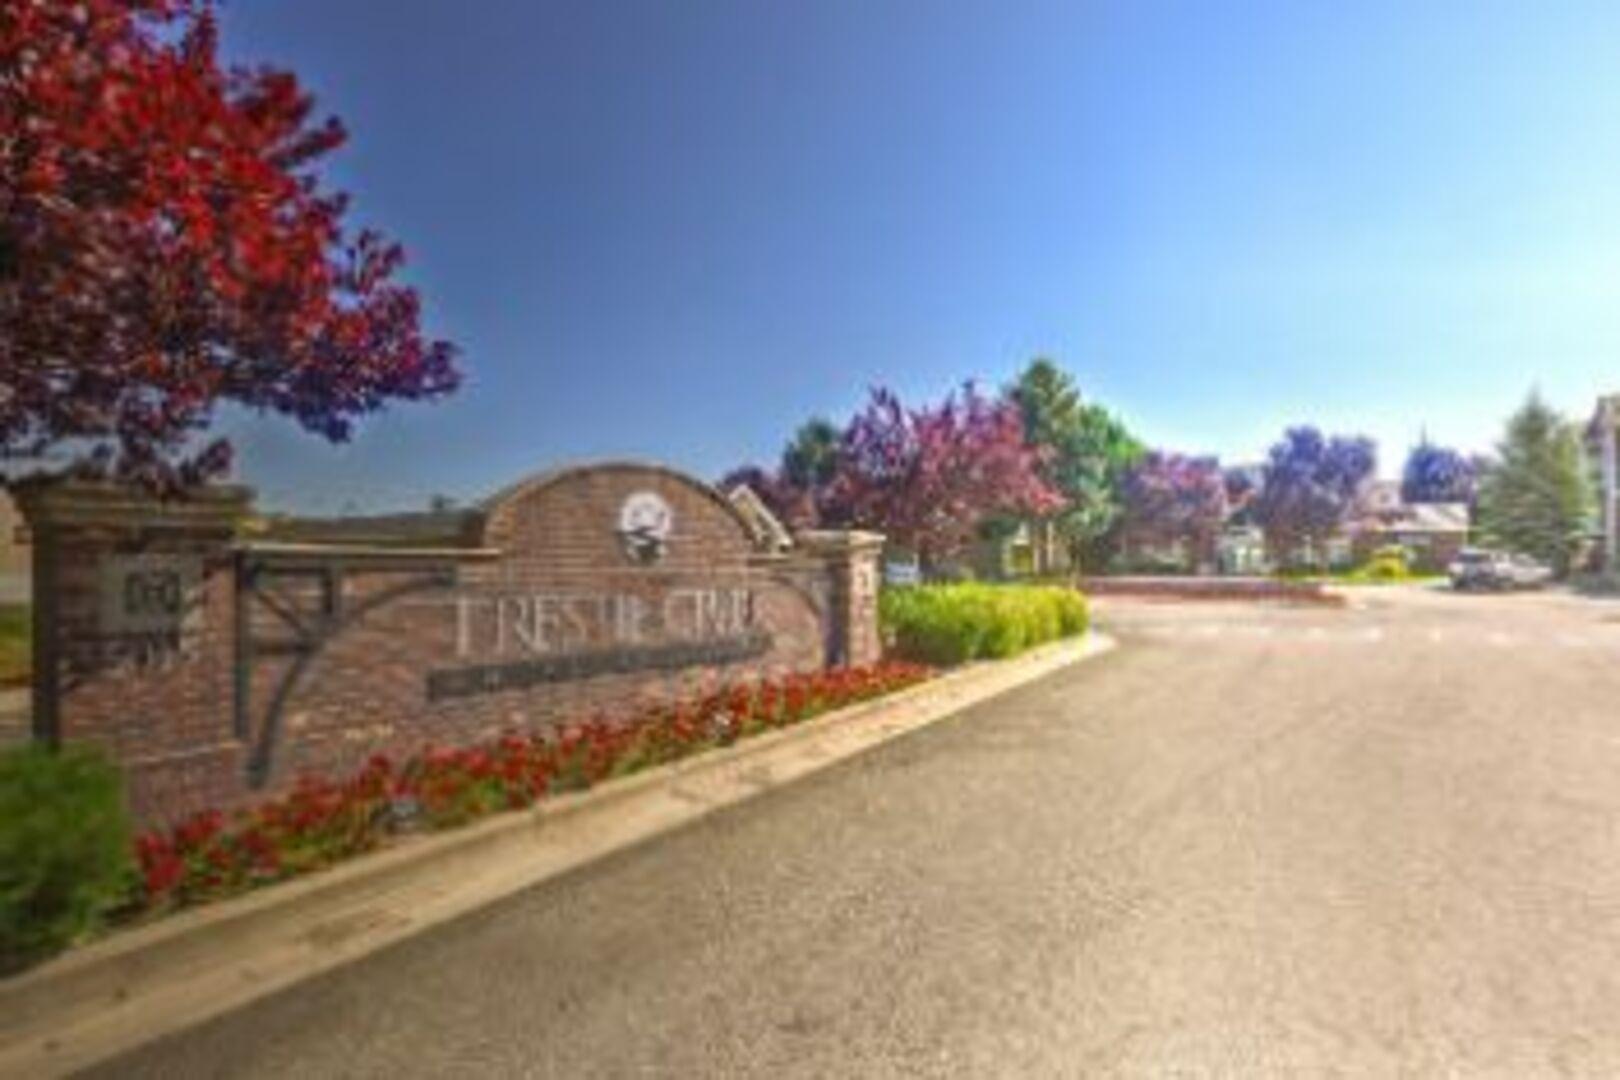 South Hill Apartments Spokane, WA | Trestle Creek